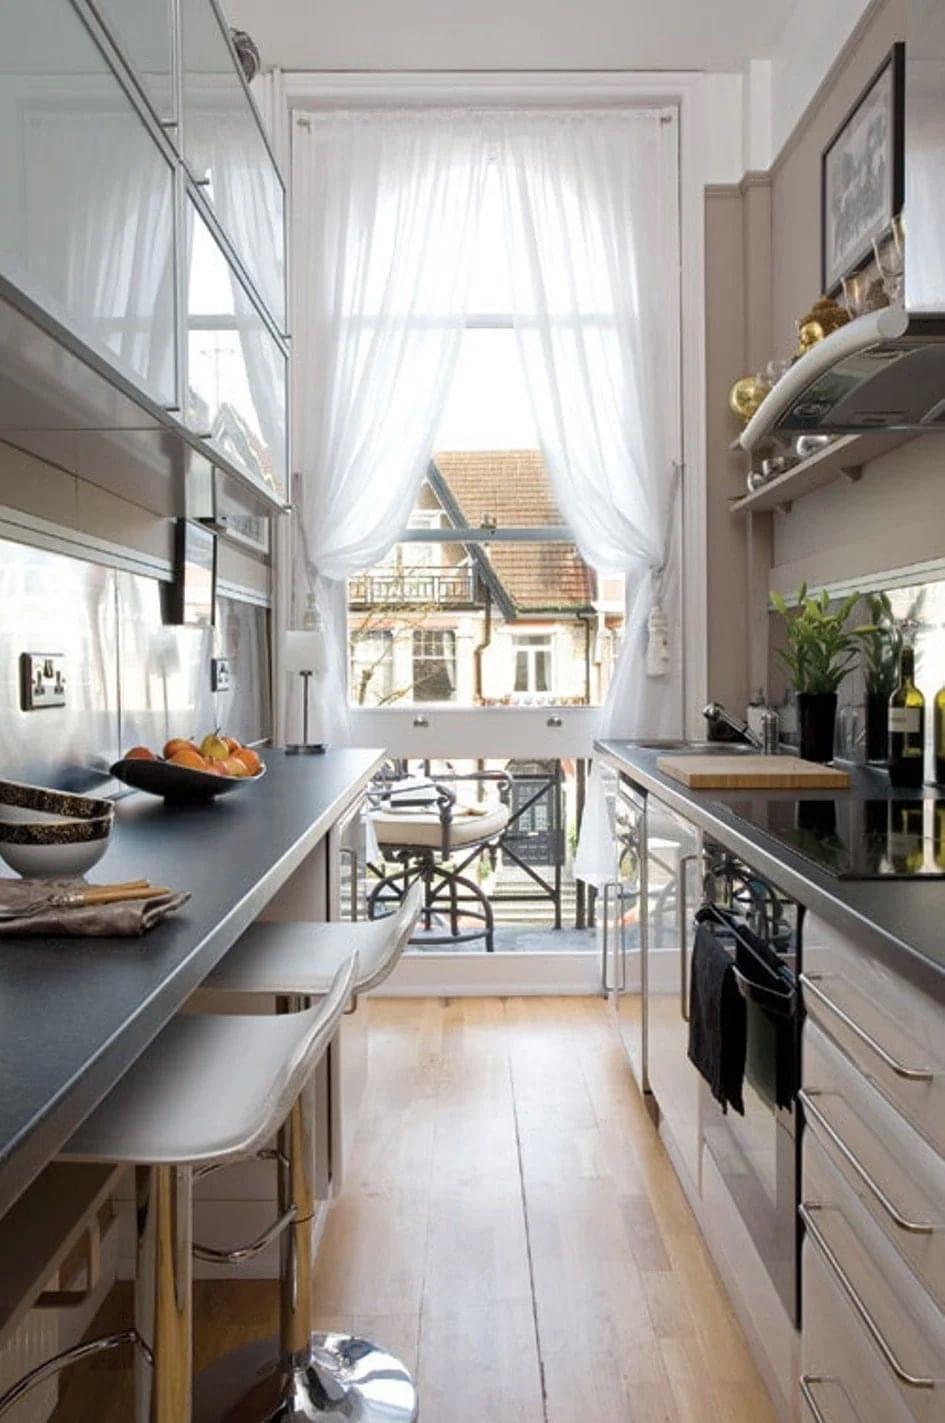 Pin von Carla auf Кухня   Altbau küche, Wohnung küche, Schmale küche